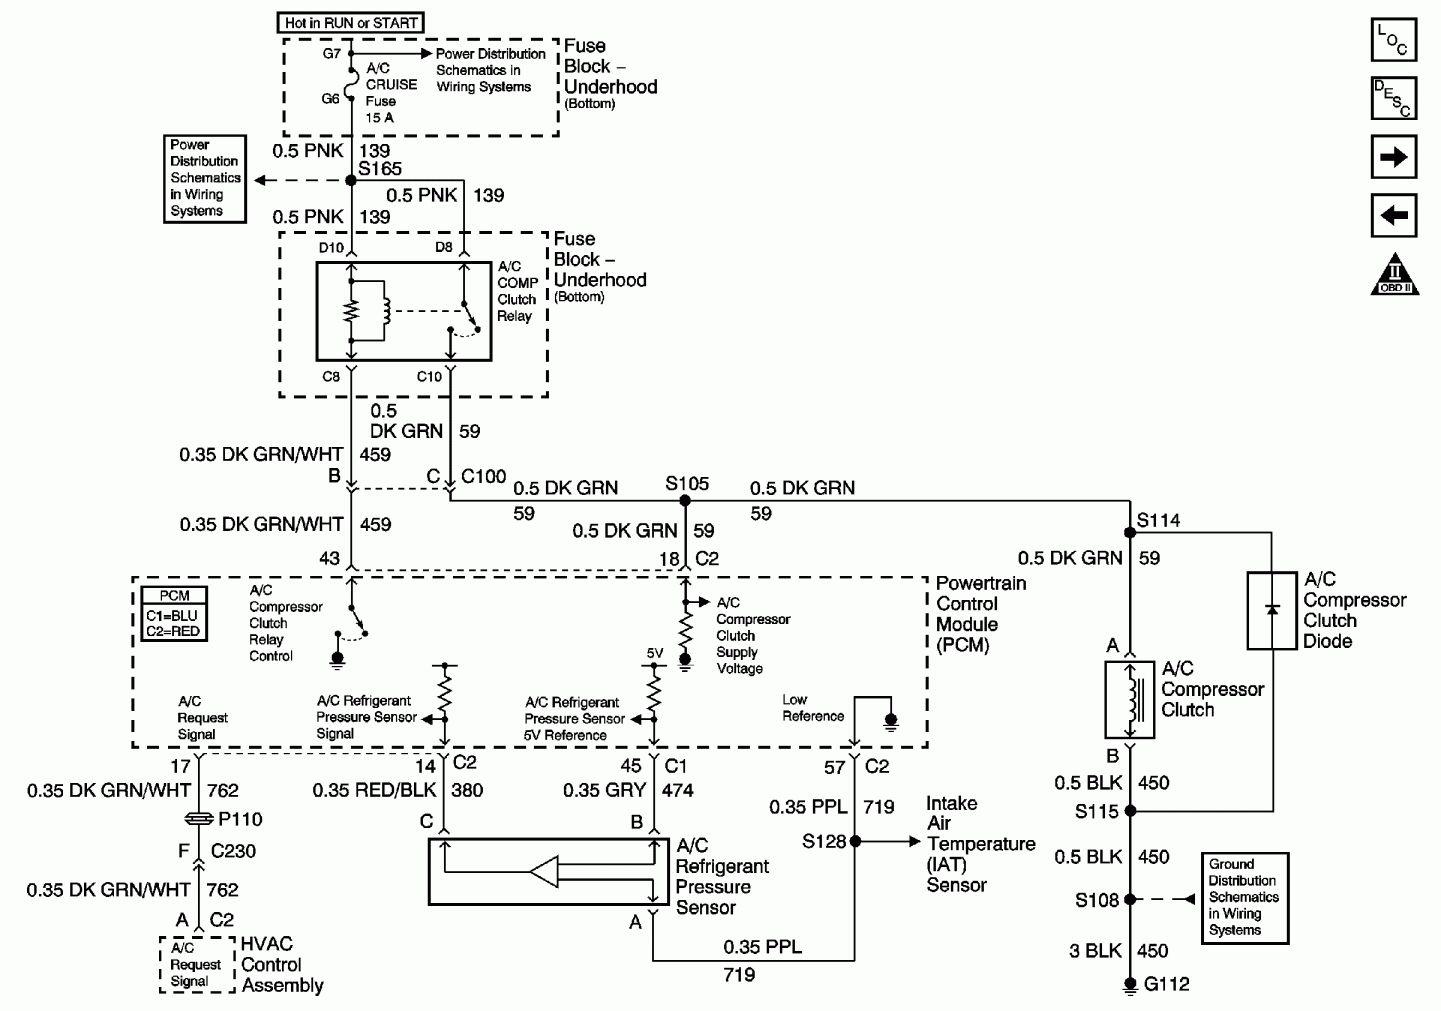 ls engine wiring diagram 15 gm ls3 crate engine wiring diagram engine diagram in 2020 ls1 engine wiring schematic 15 gm ls3 crate engine wiring diagram